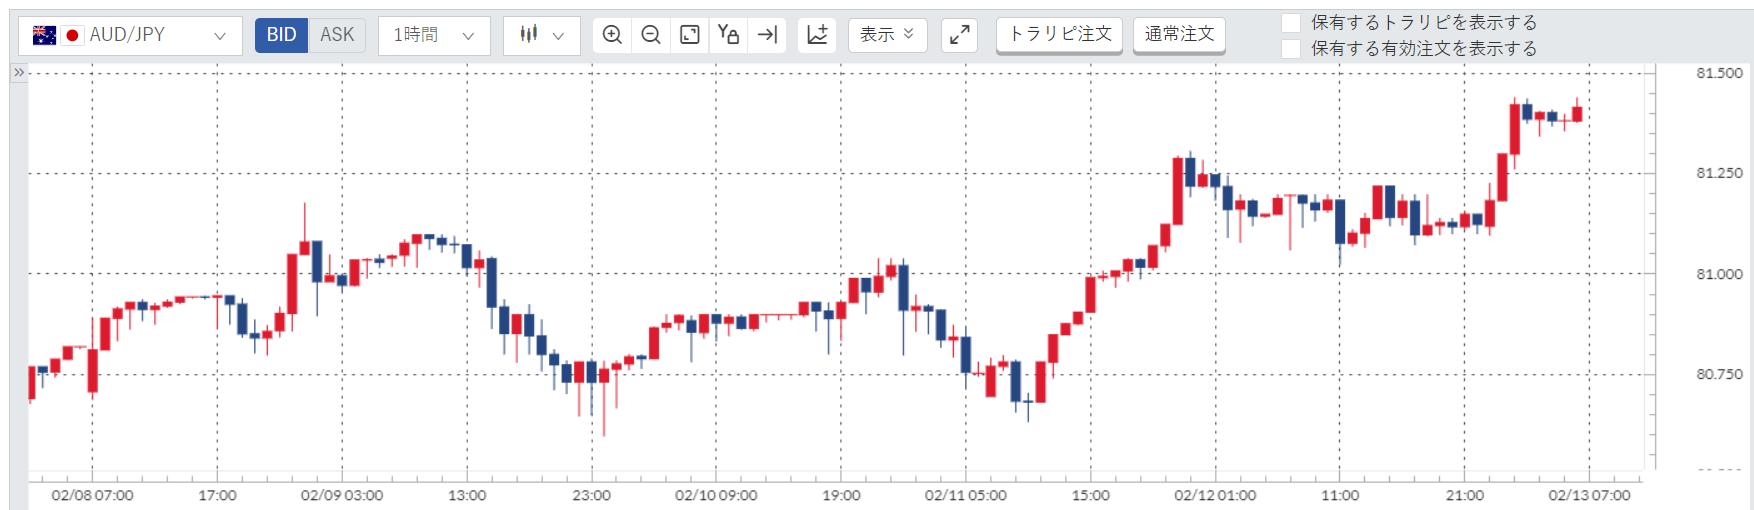 豪ドル円(AUD/JPY)週間チャート_20210208-20210212